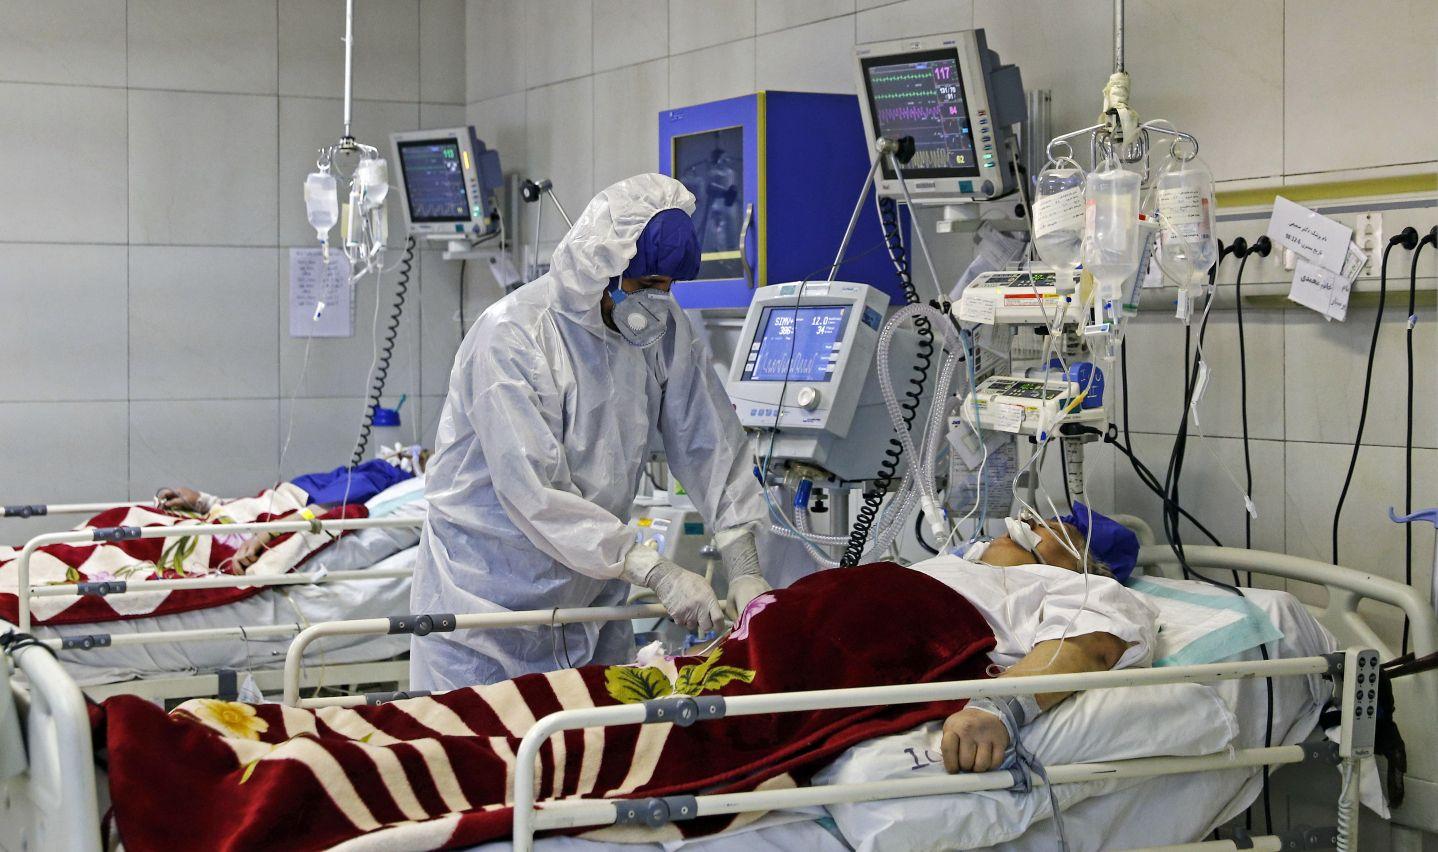 Một bác sĩ điều trị cho bệnh nhân bị nhiễm coronavirus, tại bệnh viện ở Tehran, Iran